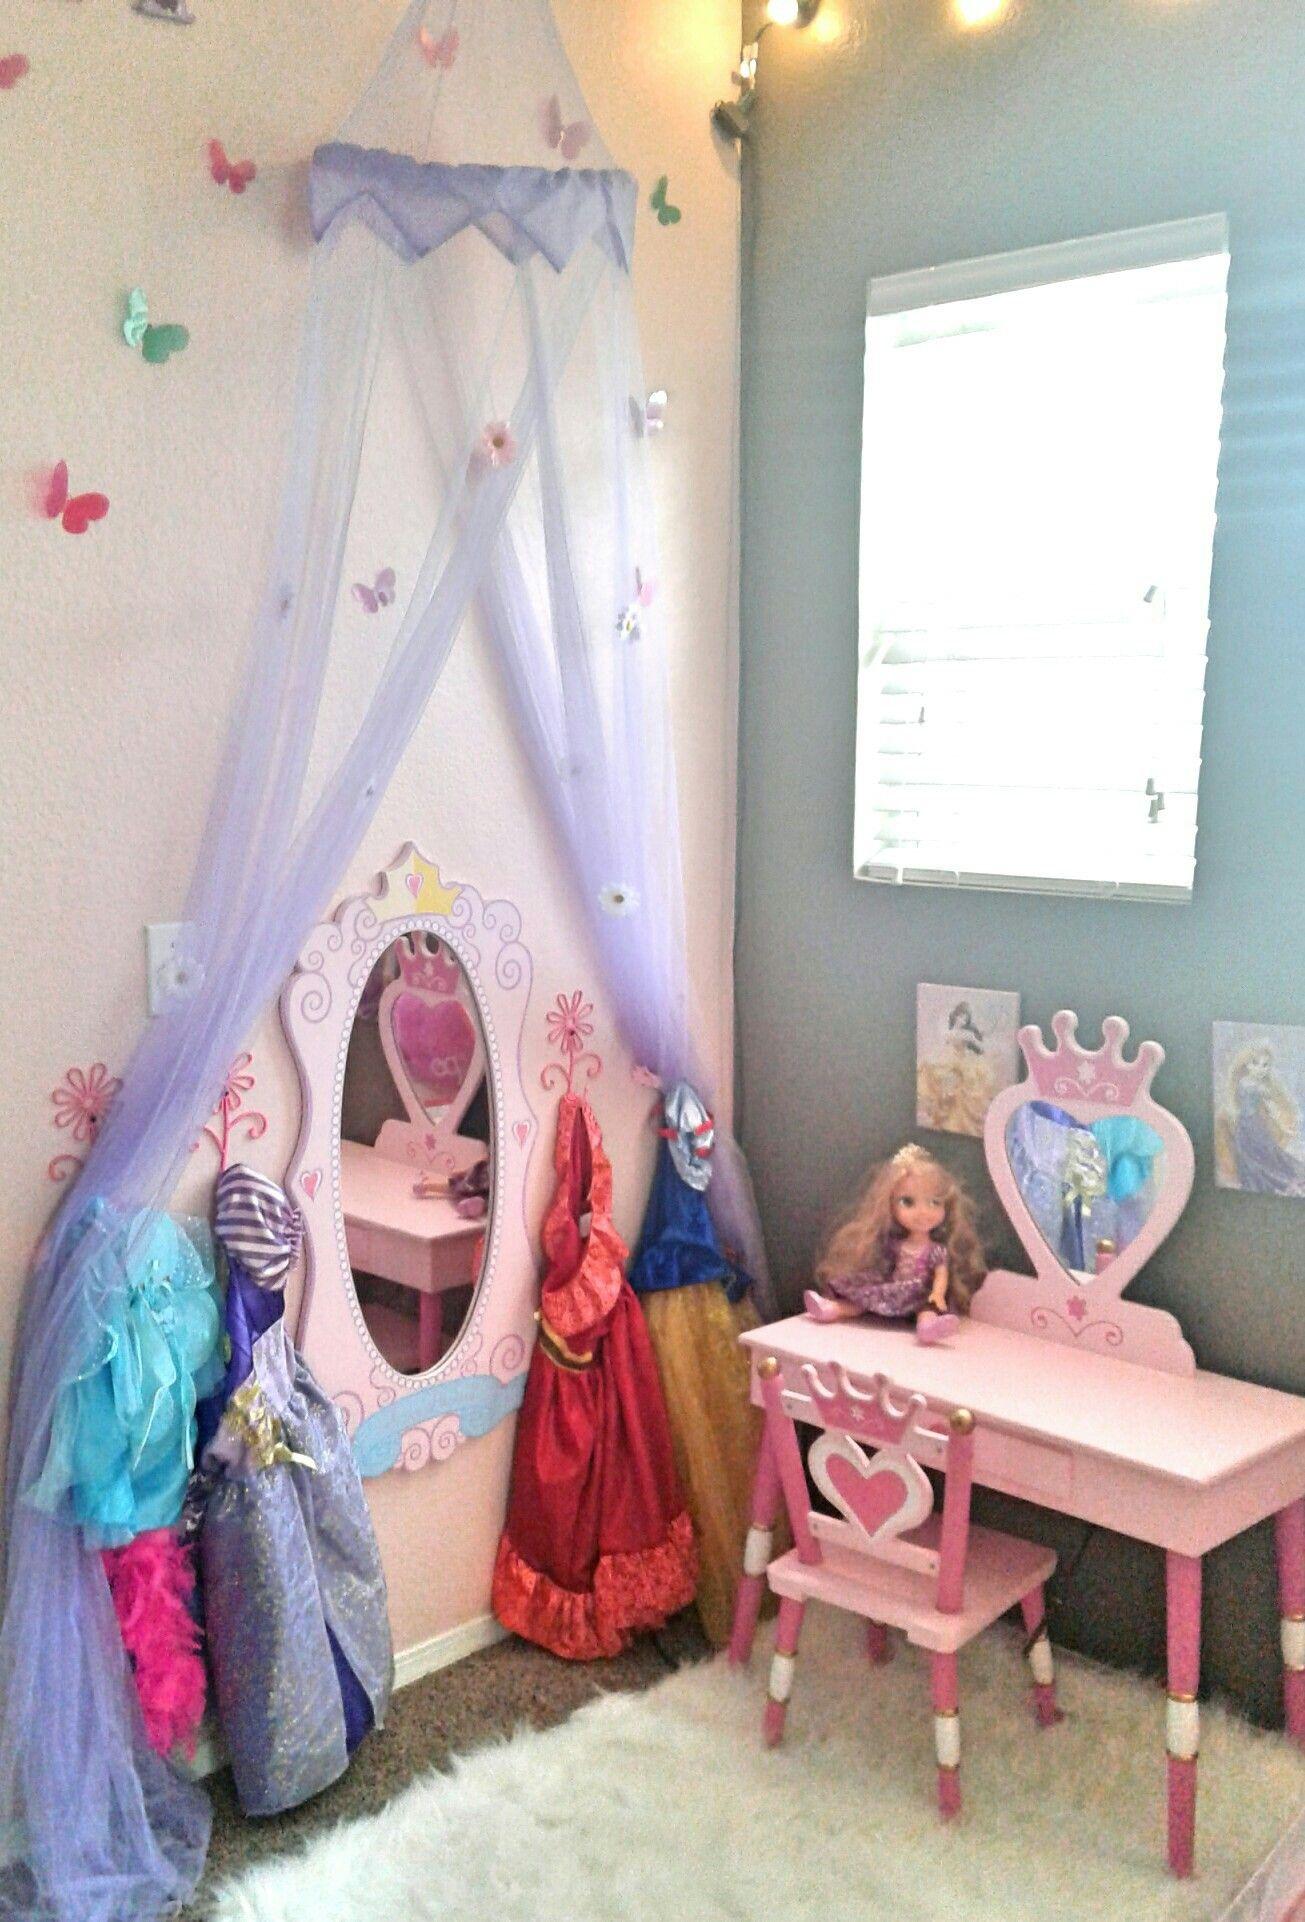 chambre garon fille chambre des enfants chambres de filles la creche crations enfant ambiance deco salles de jeux futur idee deco